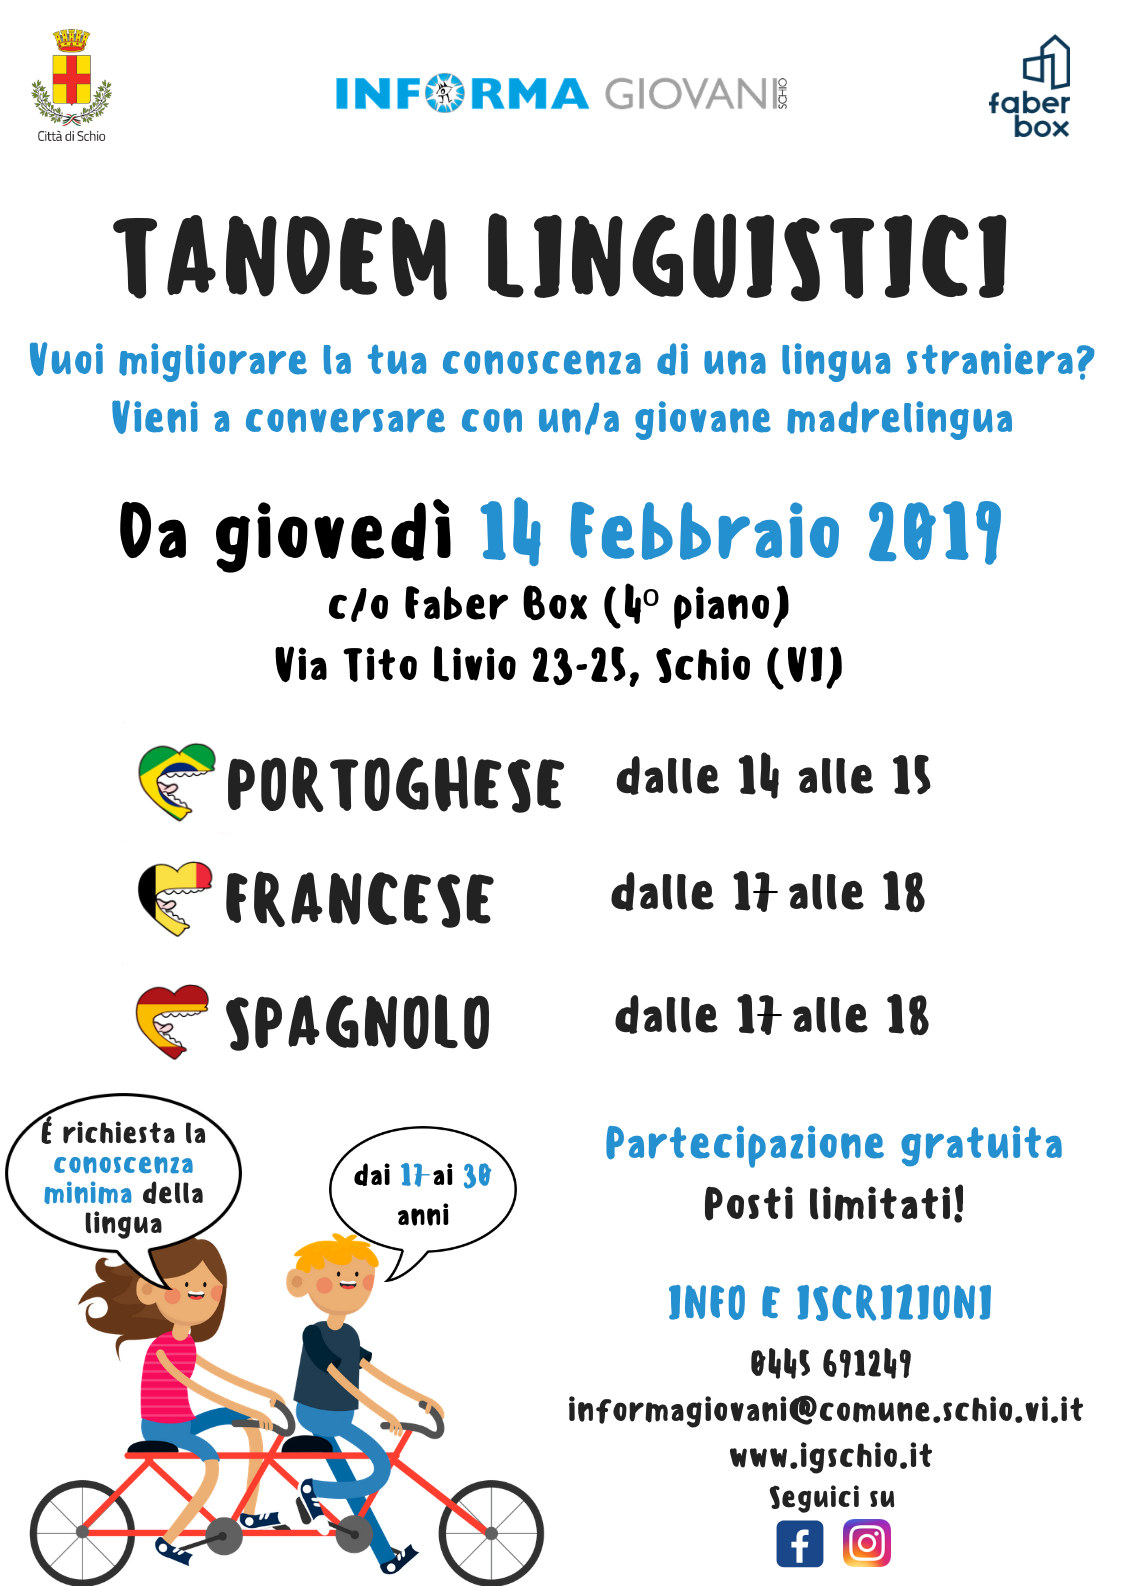 Tandem linguistici in partenza